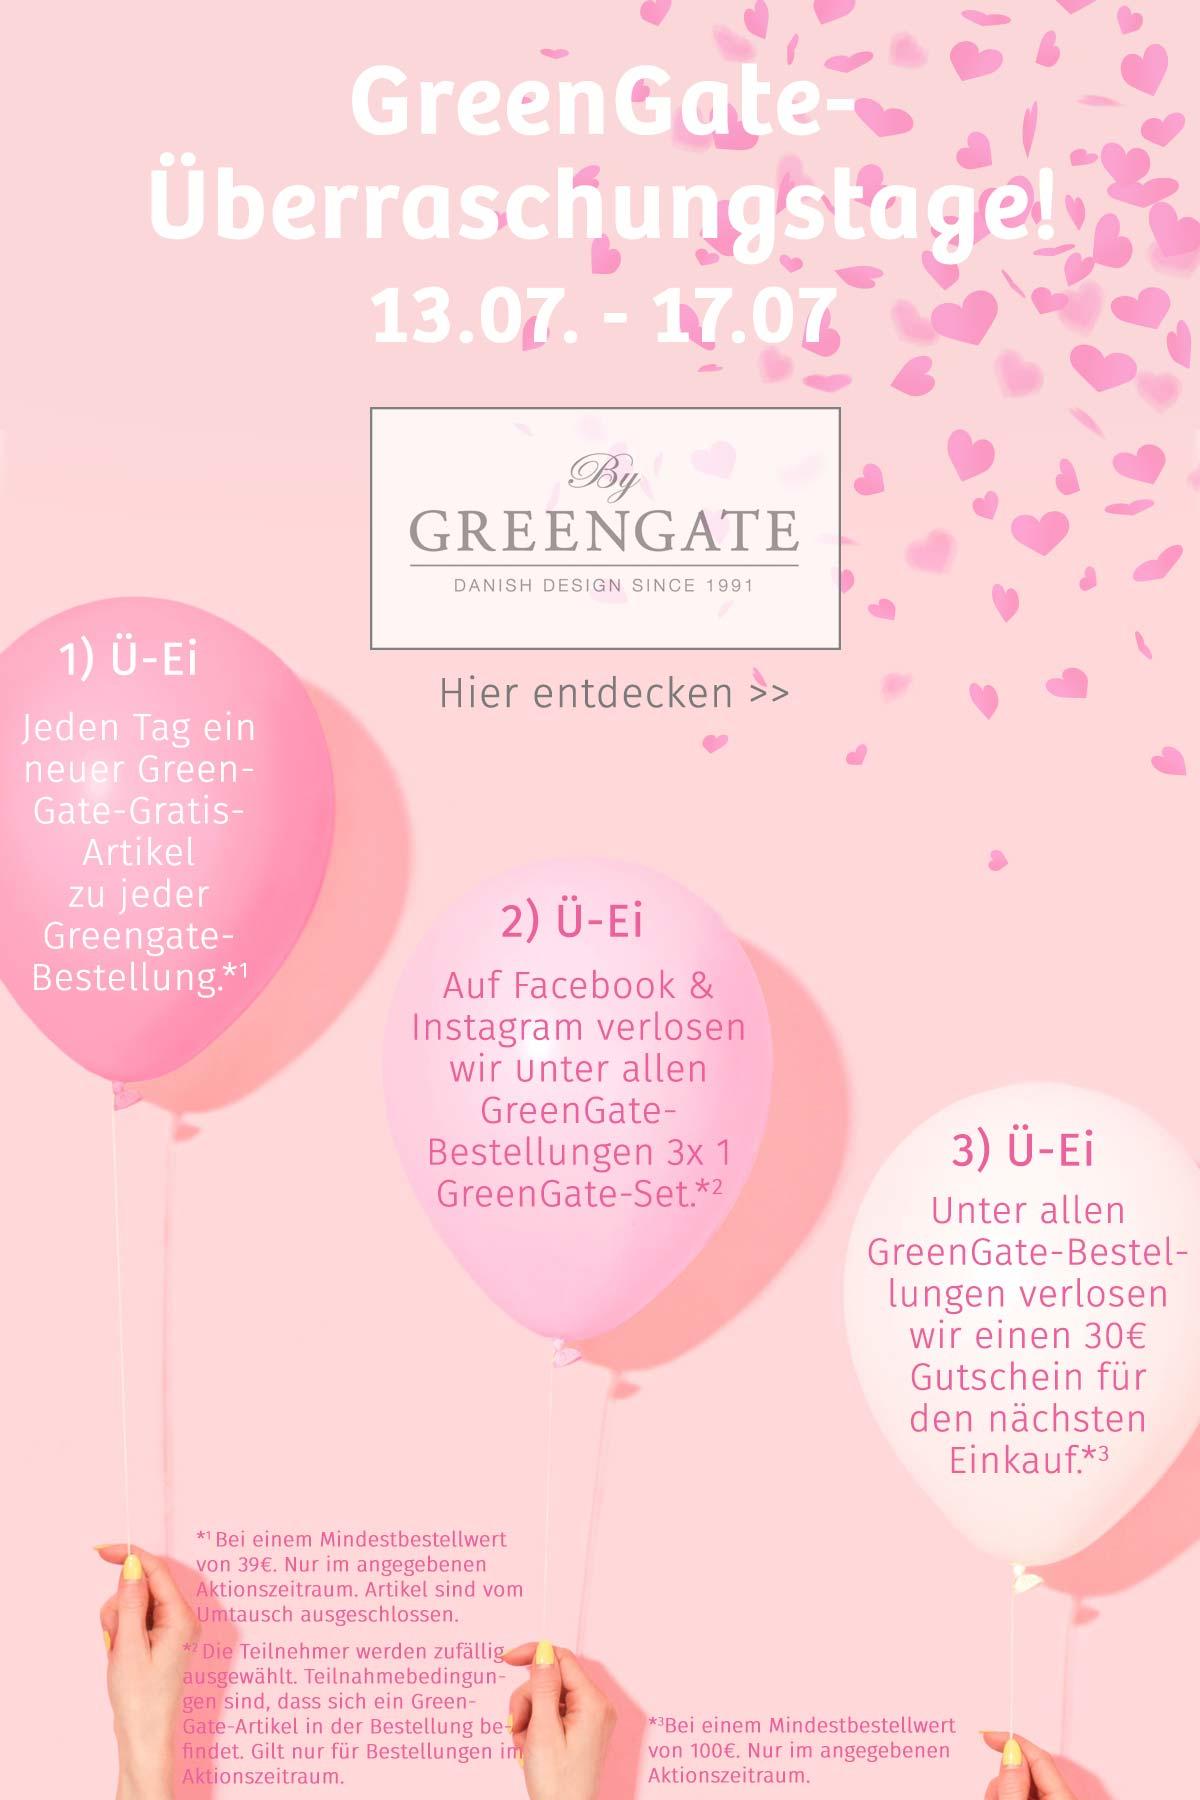 180712_gg_aktion-Bertine-aktuell